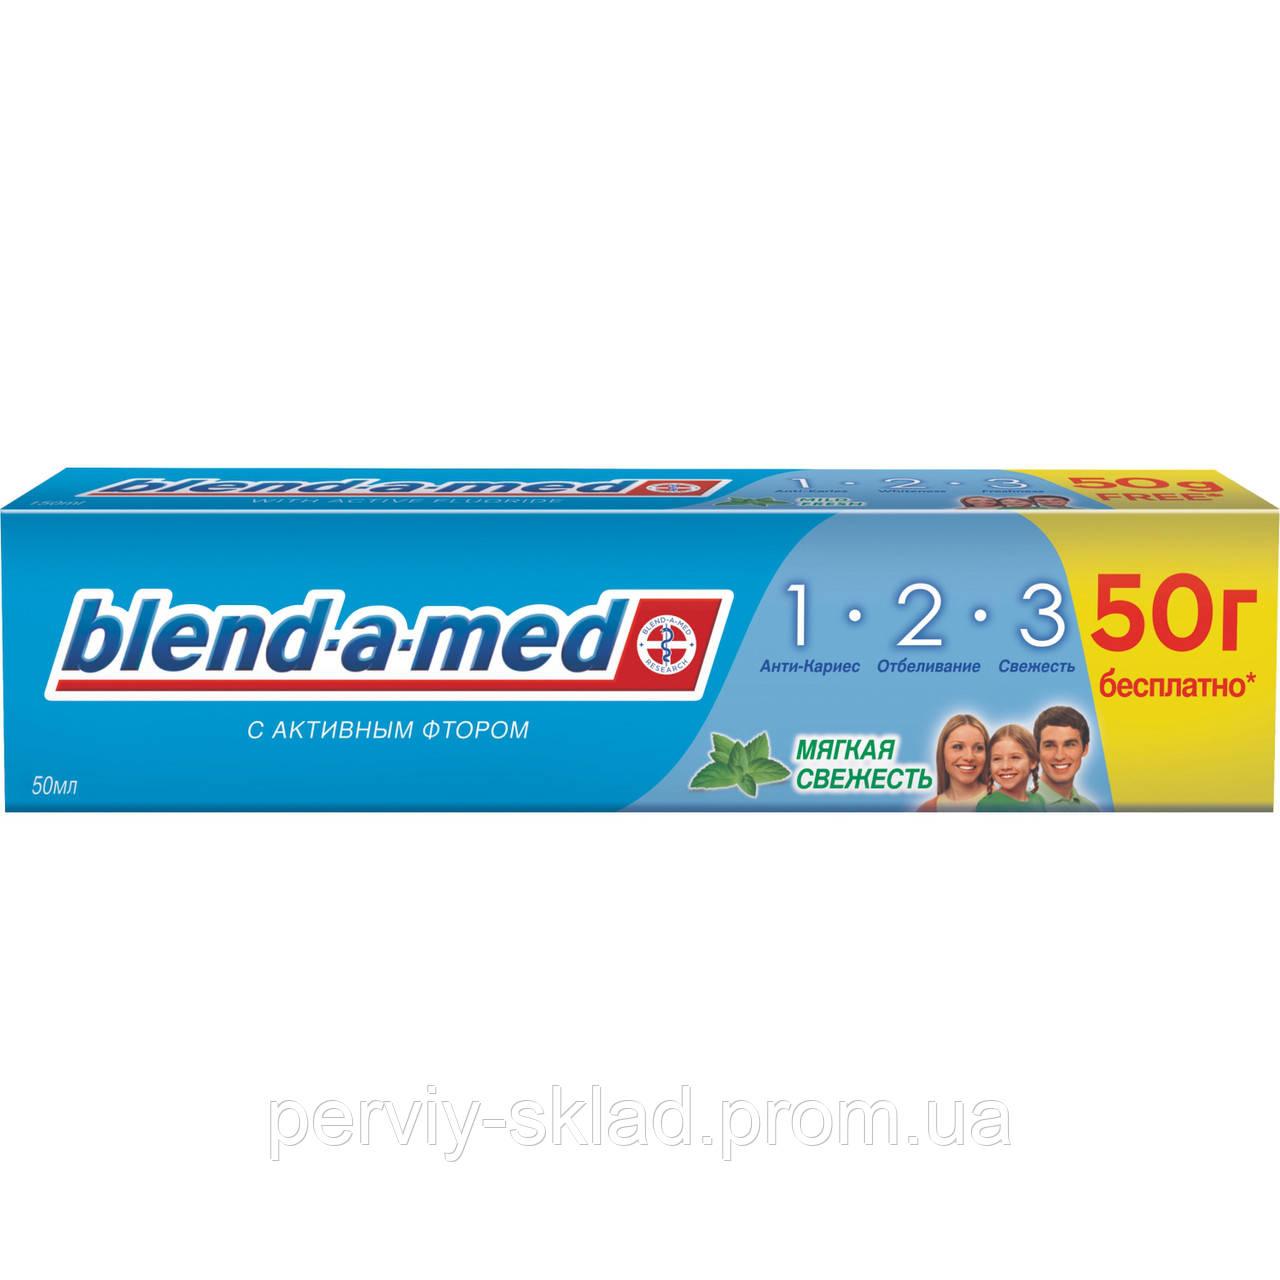 Зубная паста Blend-a-med 50 мл